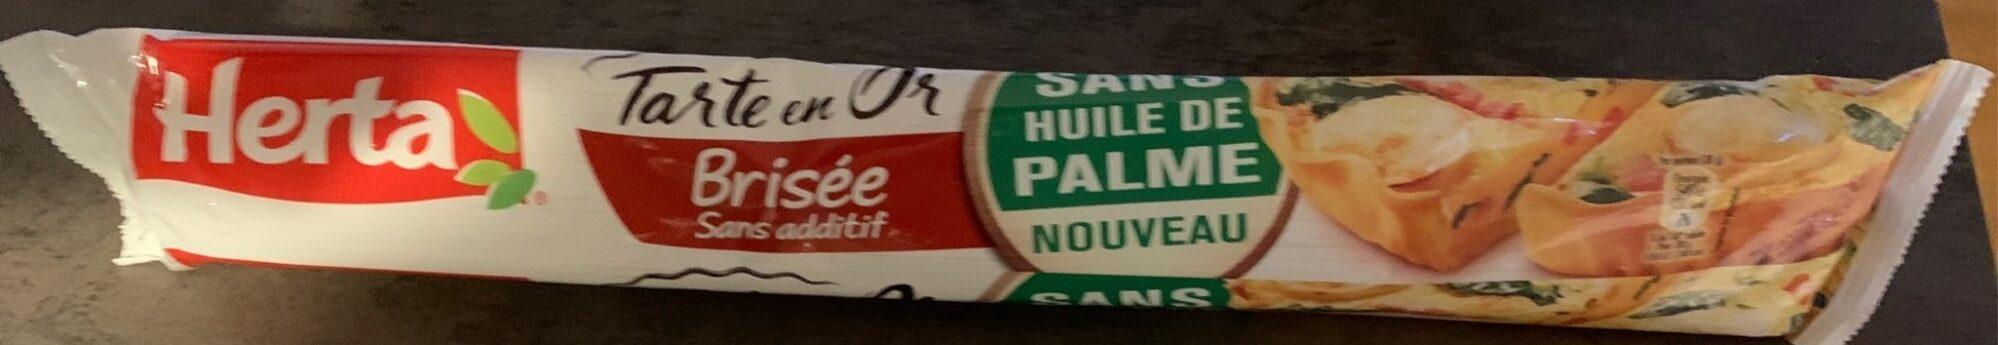 Pate Brisée sans additif - Product - fr